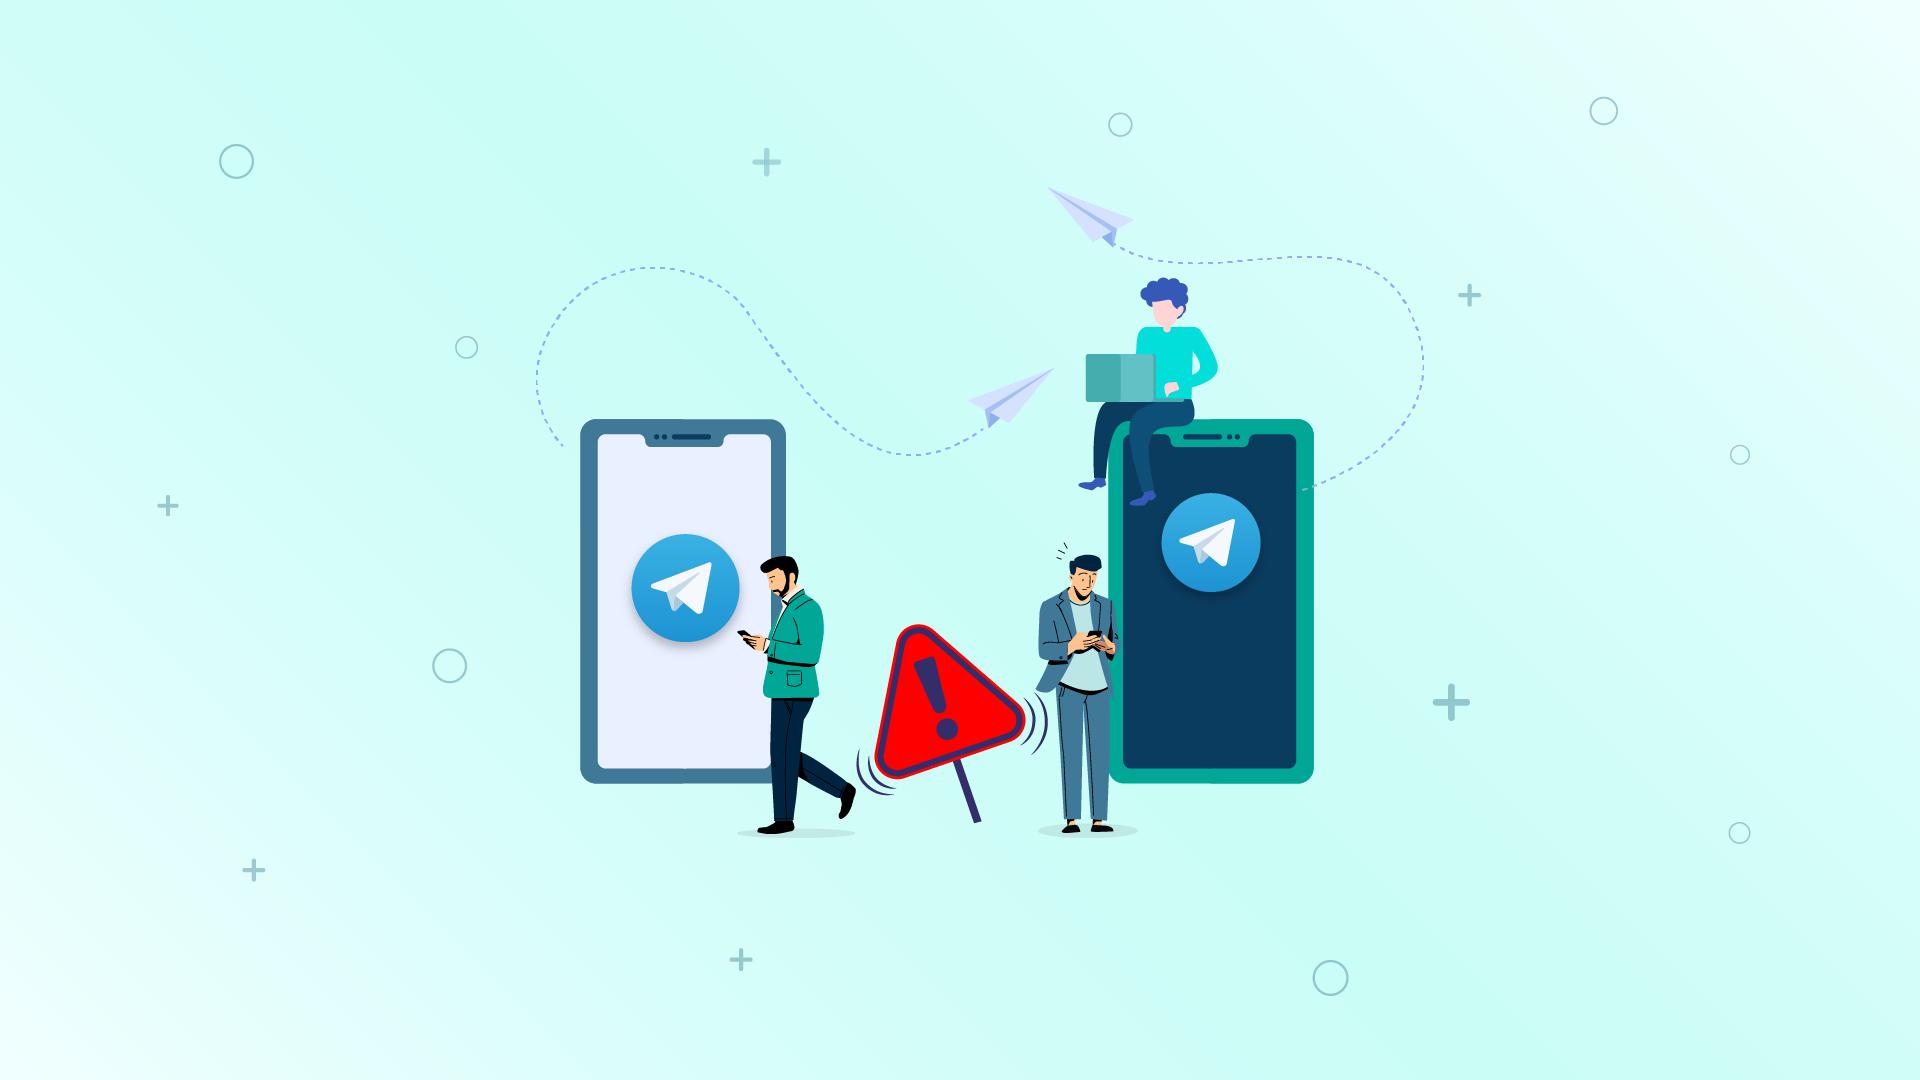 آیا میتوان به کانالهای تلگرام اعتماد کرد؟